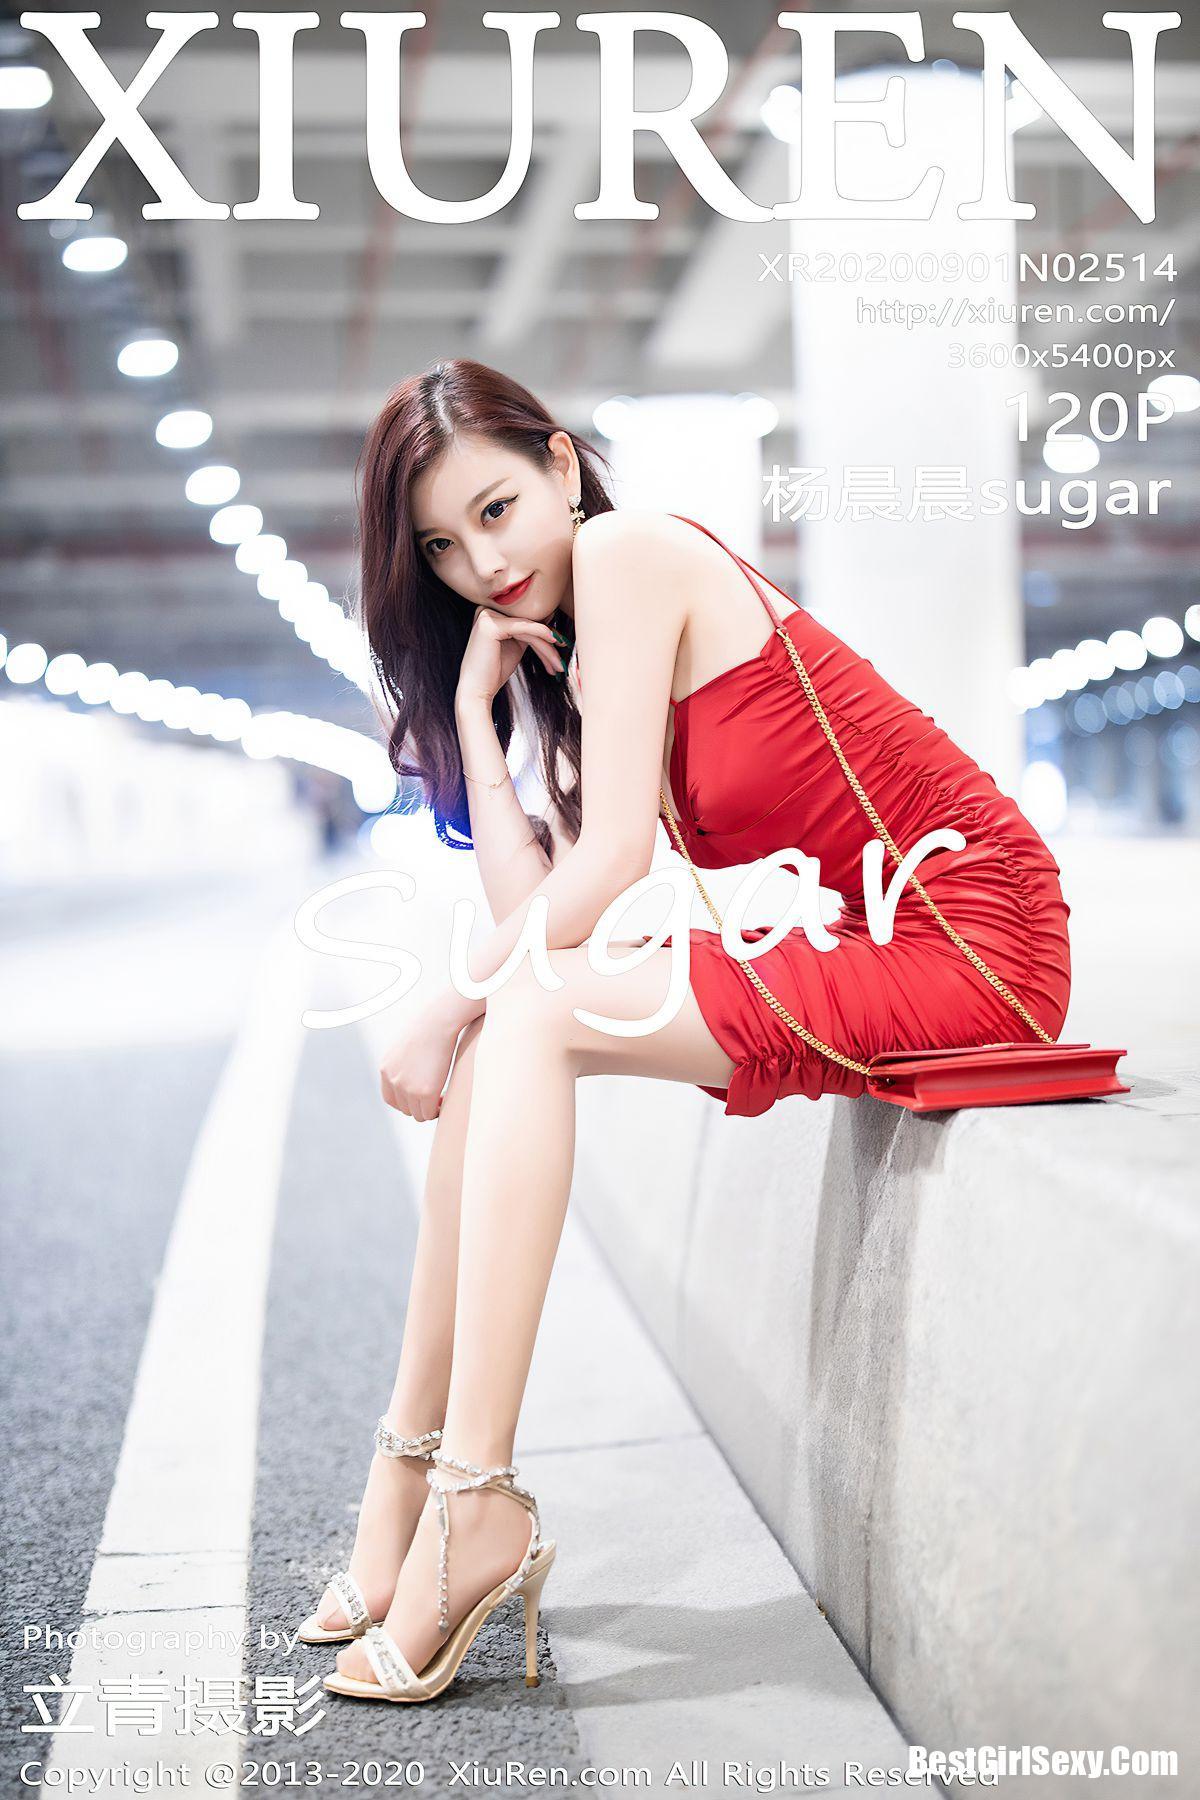 XiuRen秀人网 Vol.2514 杨晨晨sugar